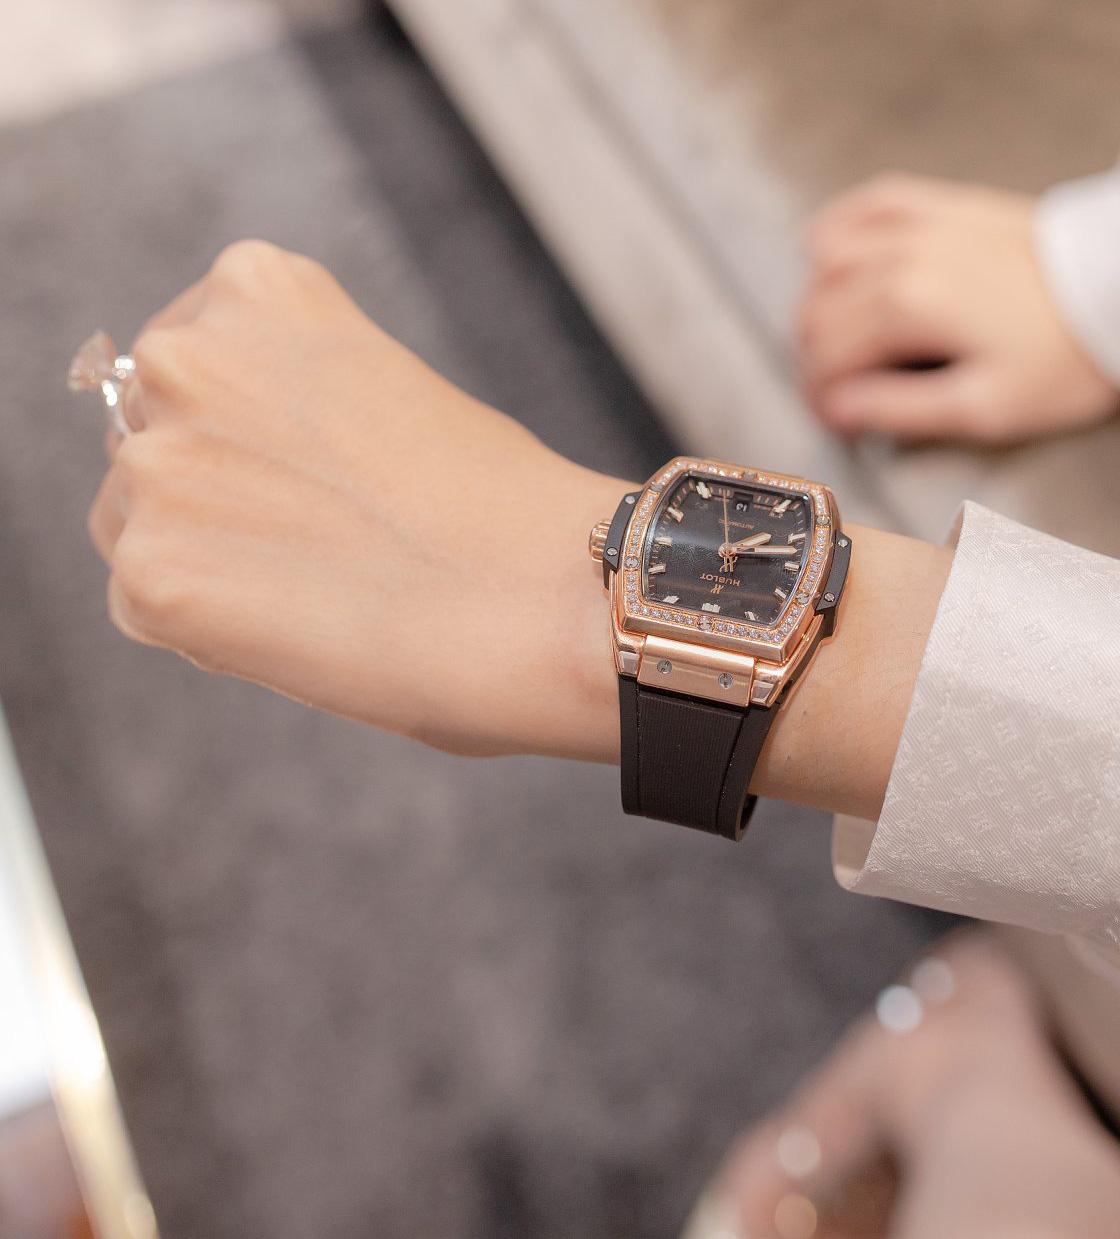 Mẫu đồng hồ Hublot Spririt of Big Bang King Gold Diamond có dây da màu đen, mặt to nạm kim cương, mang đến cho Hương Giang vẻ quyền lực đúng hình ảnh một nữ doanh nhân.